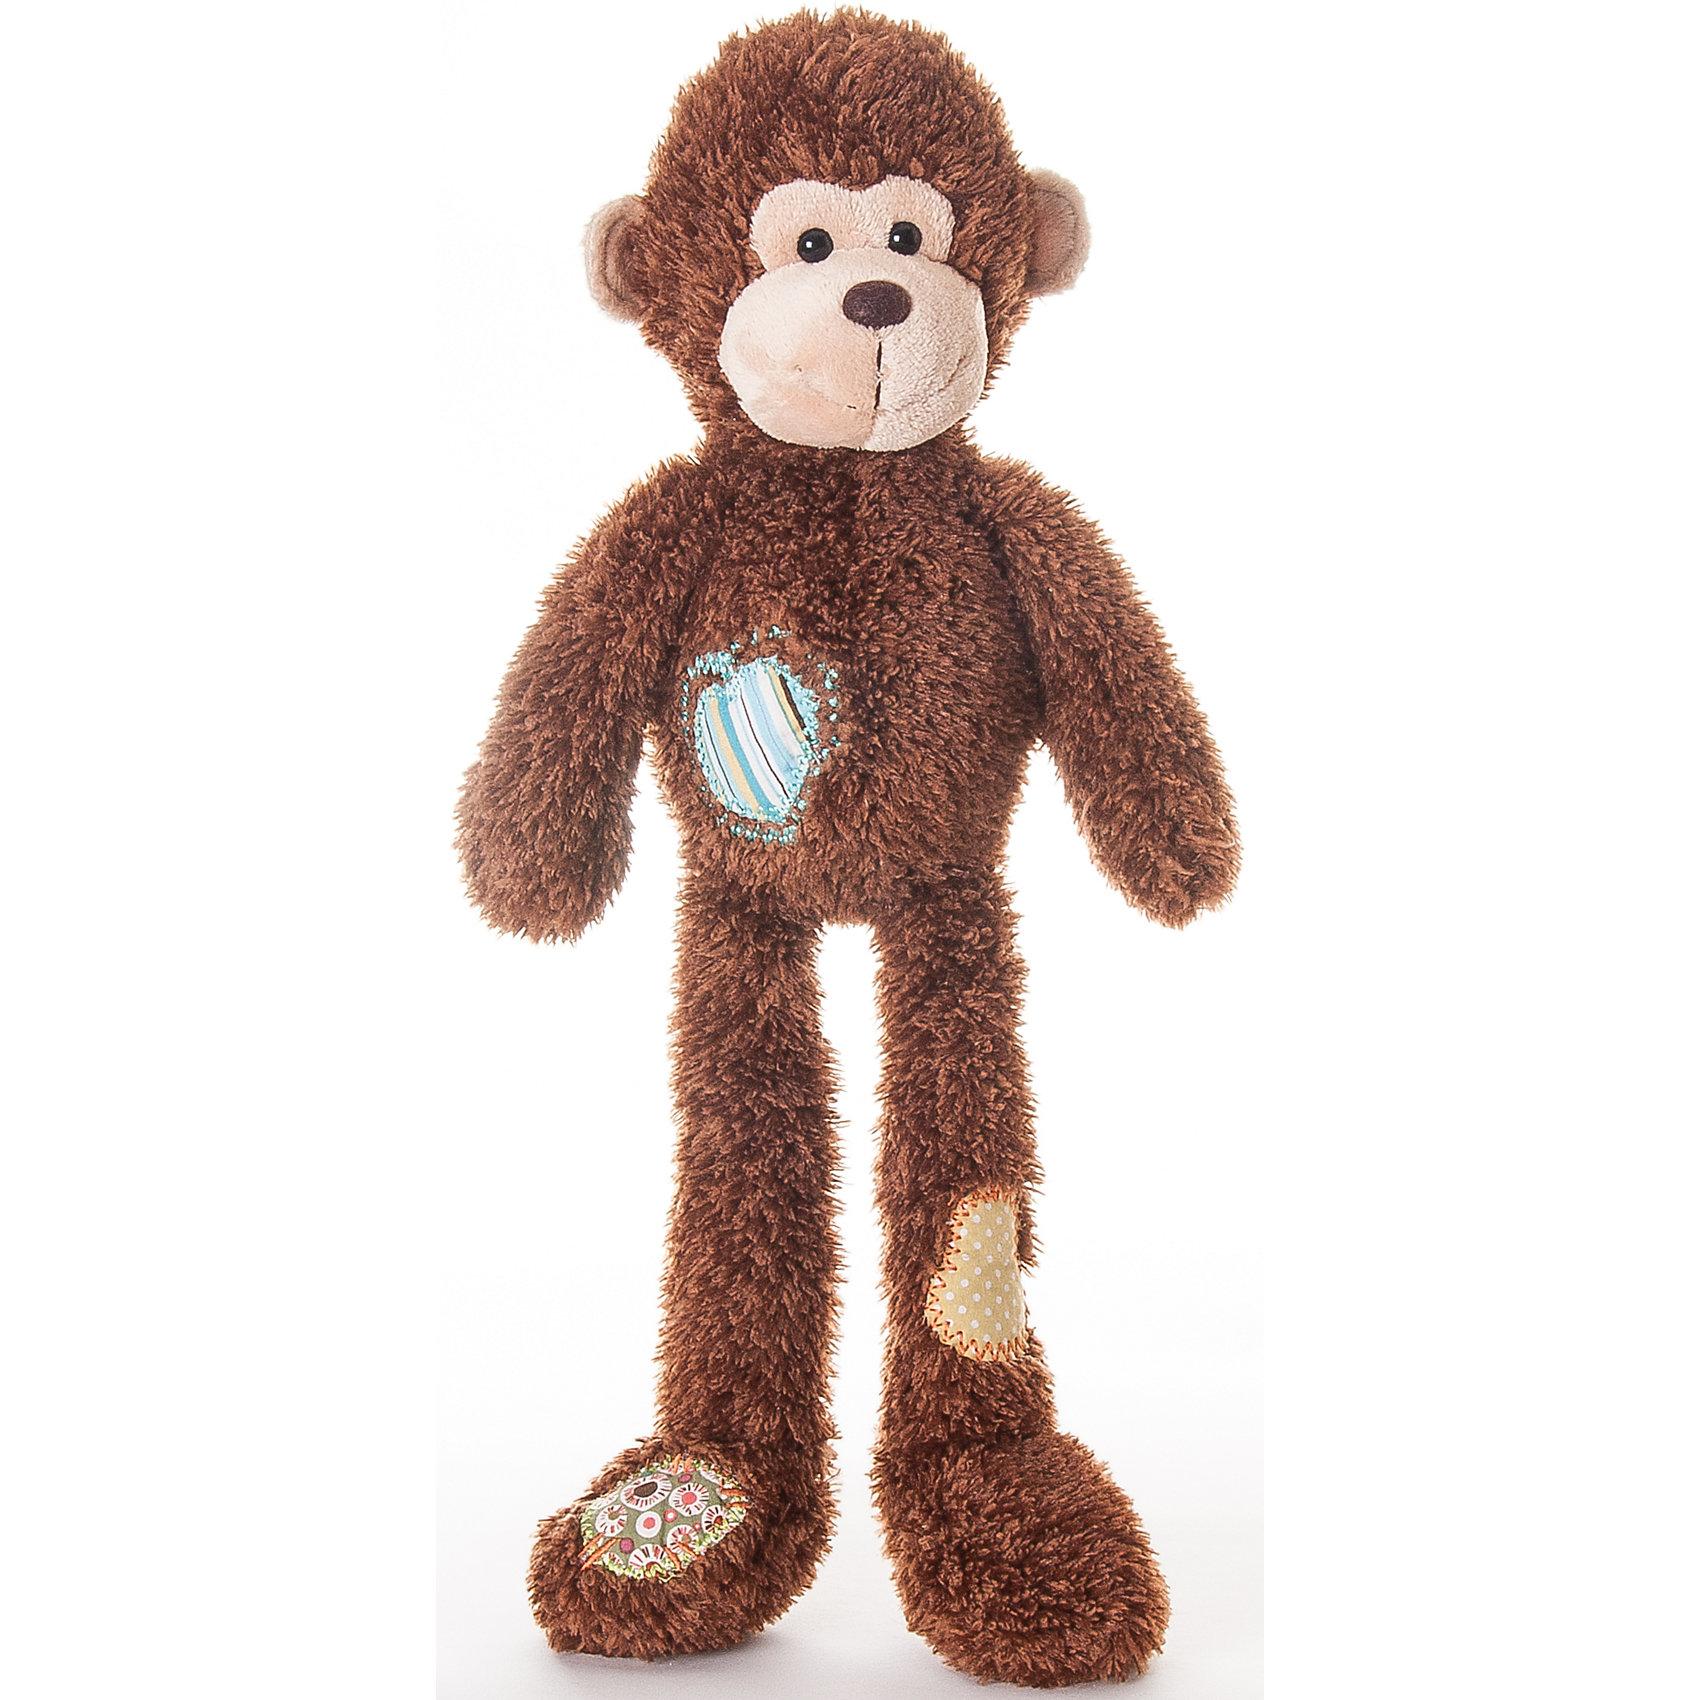 AURORA Мягкая игрушка Обезьянка с заплатками, 45 см., AURORA aurora мягкая игрушка тигр 28 см